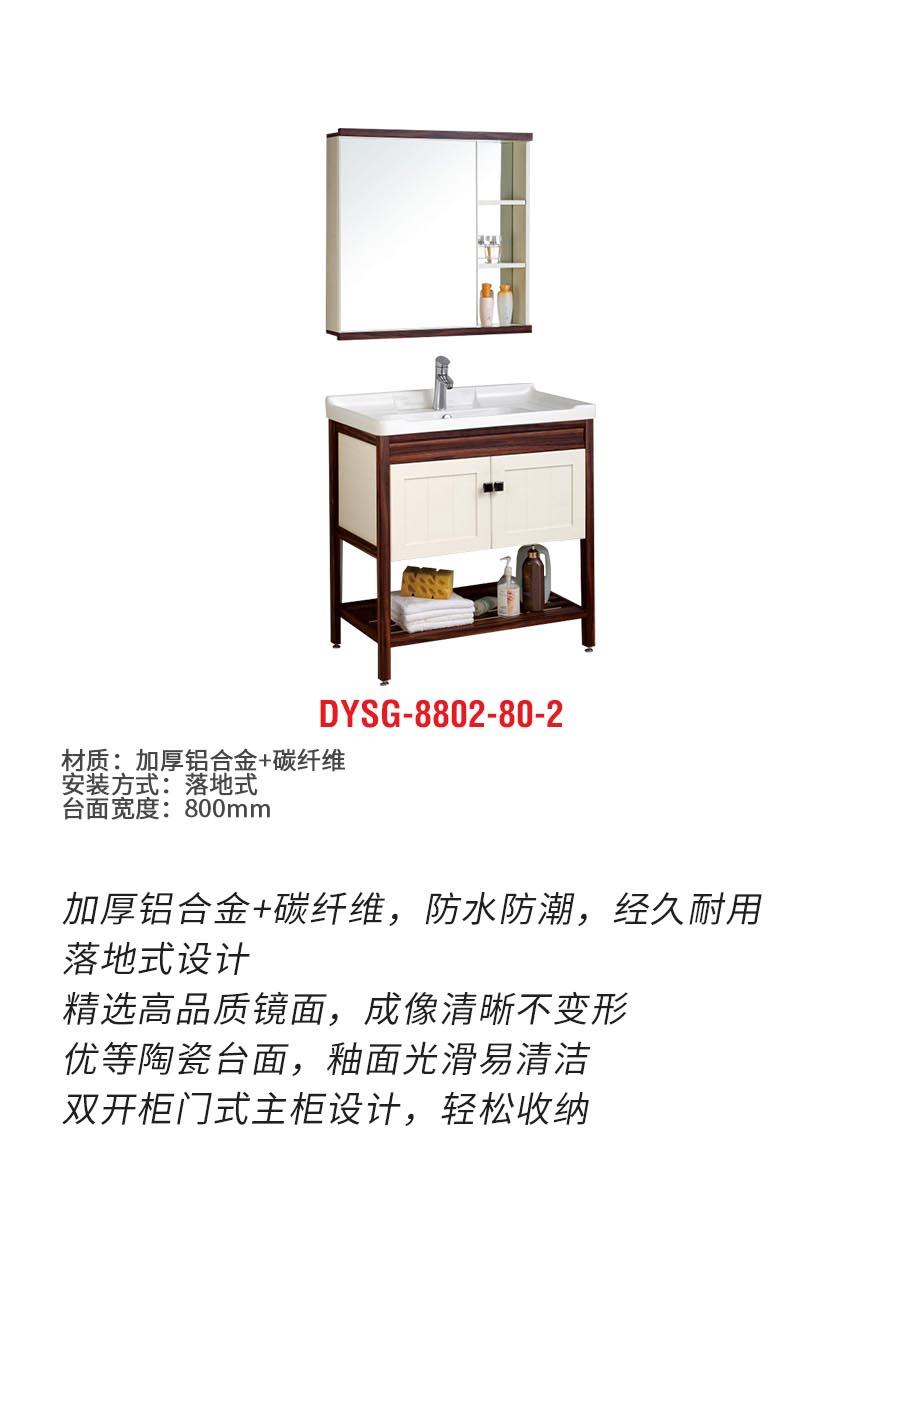 DYSG-8802-80-2b.jpg